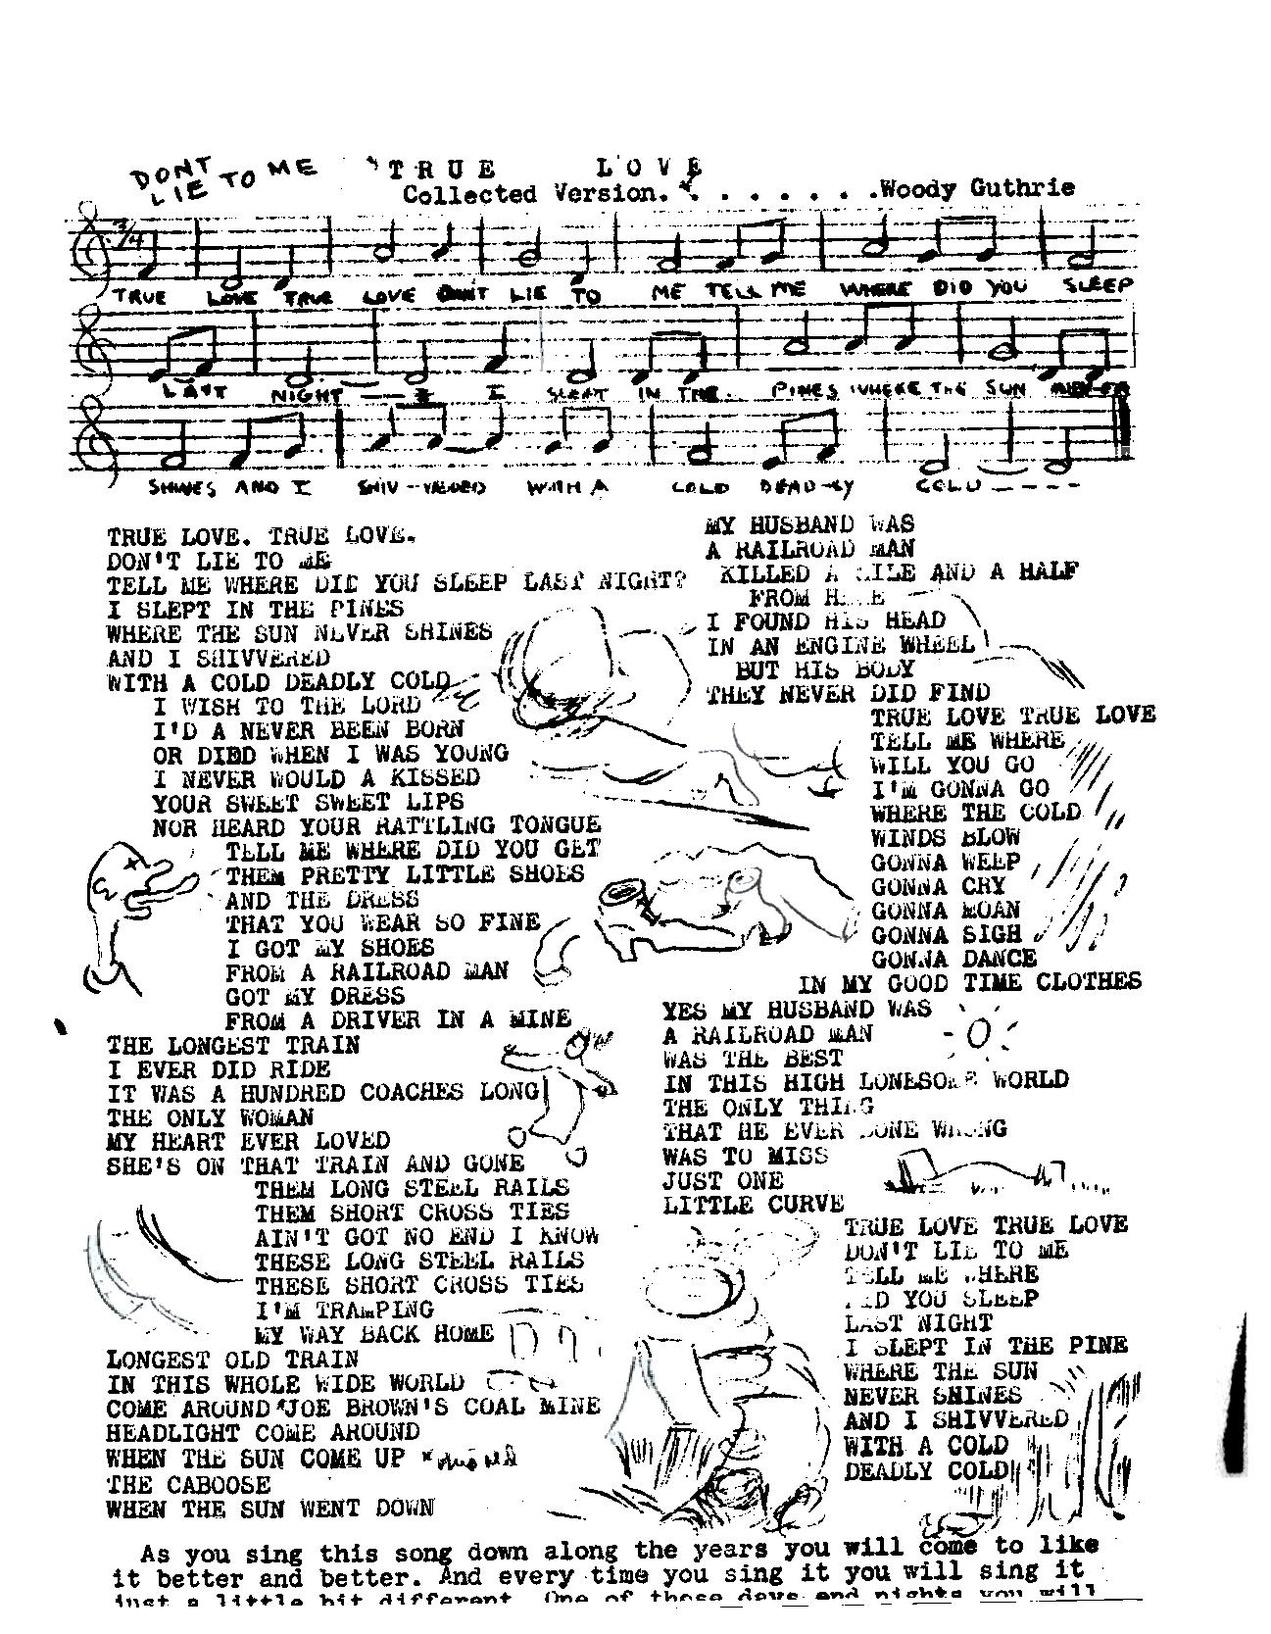 page 20040823 jibjab copyright wikisource